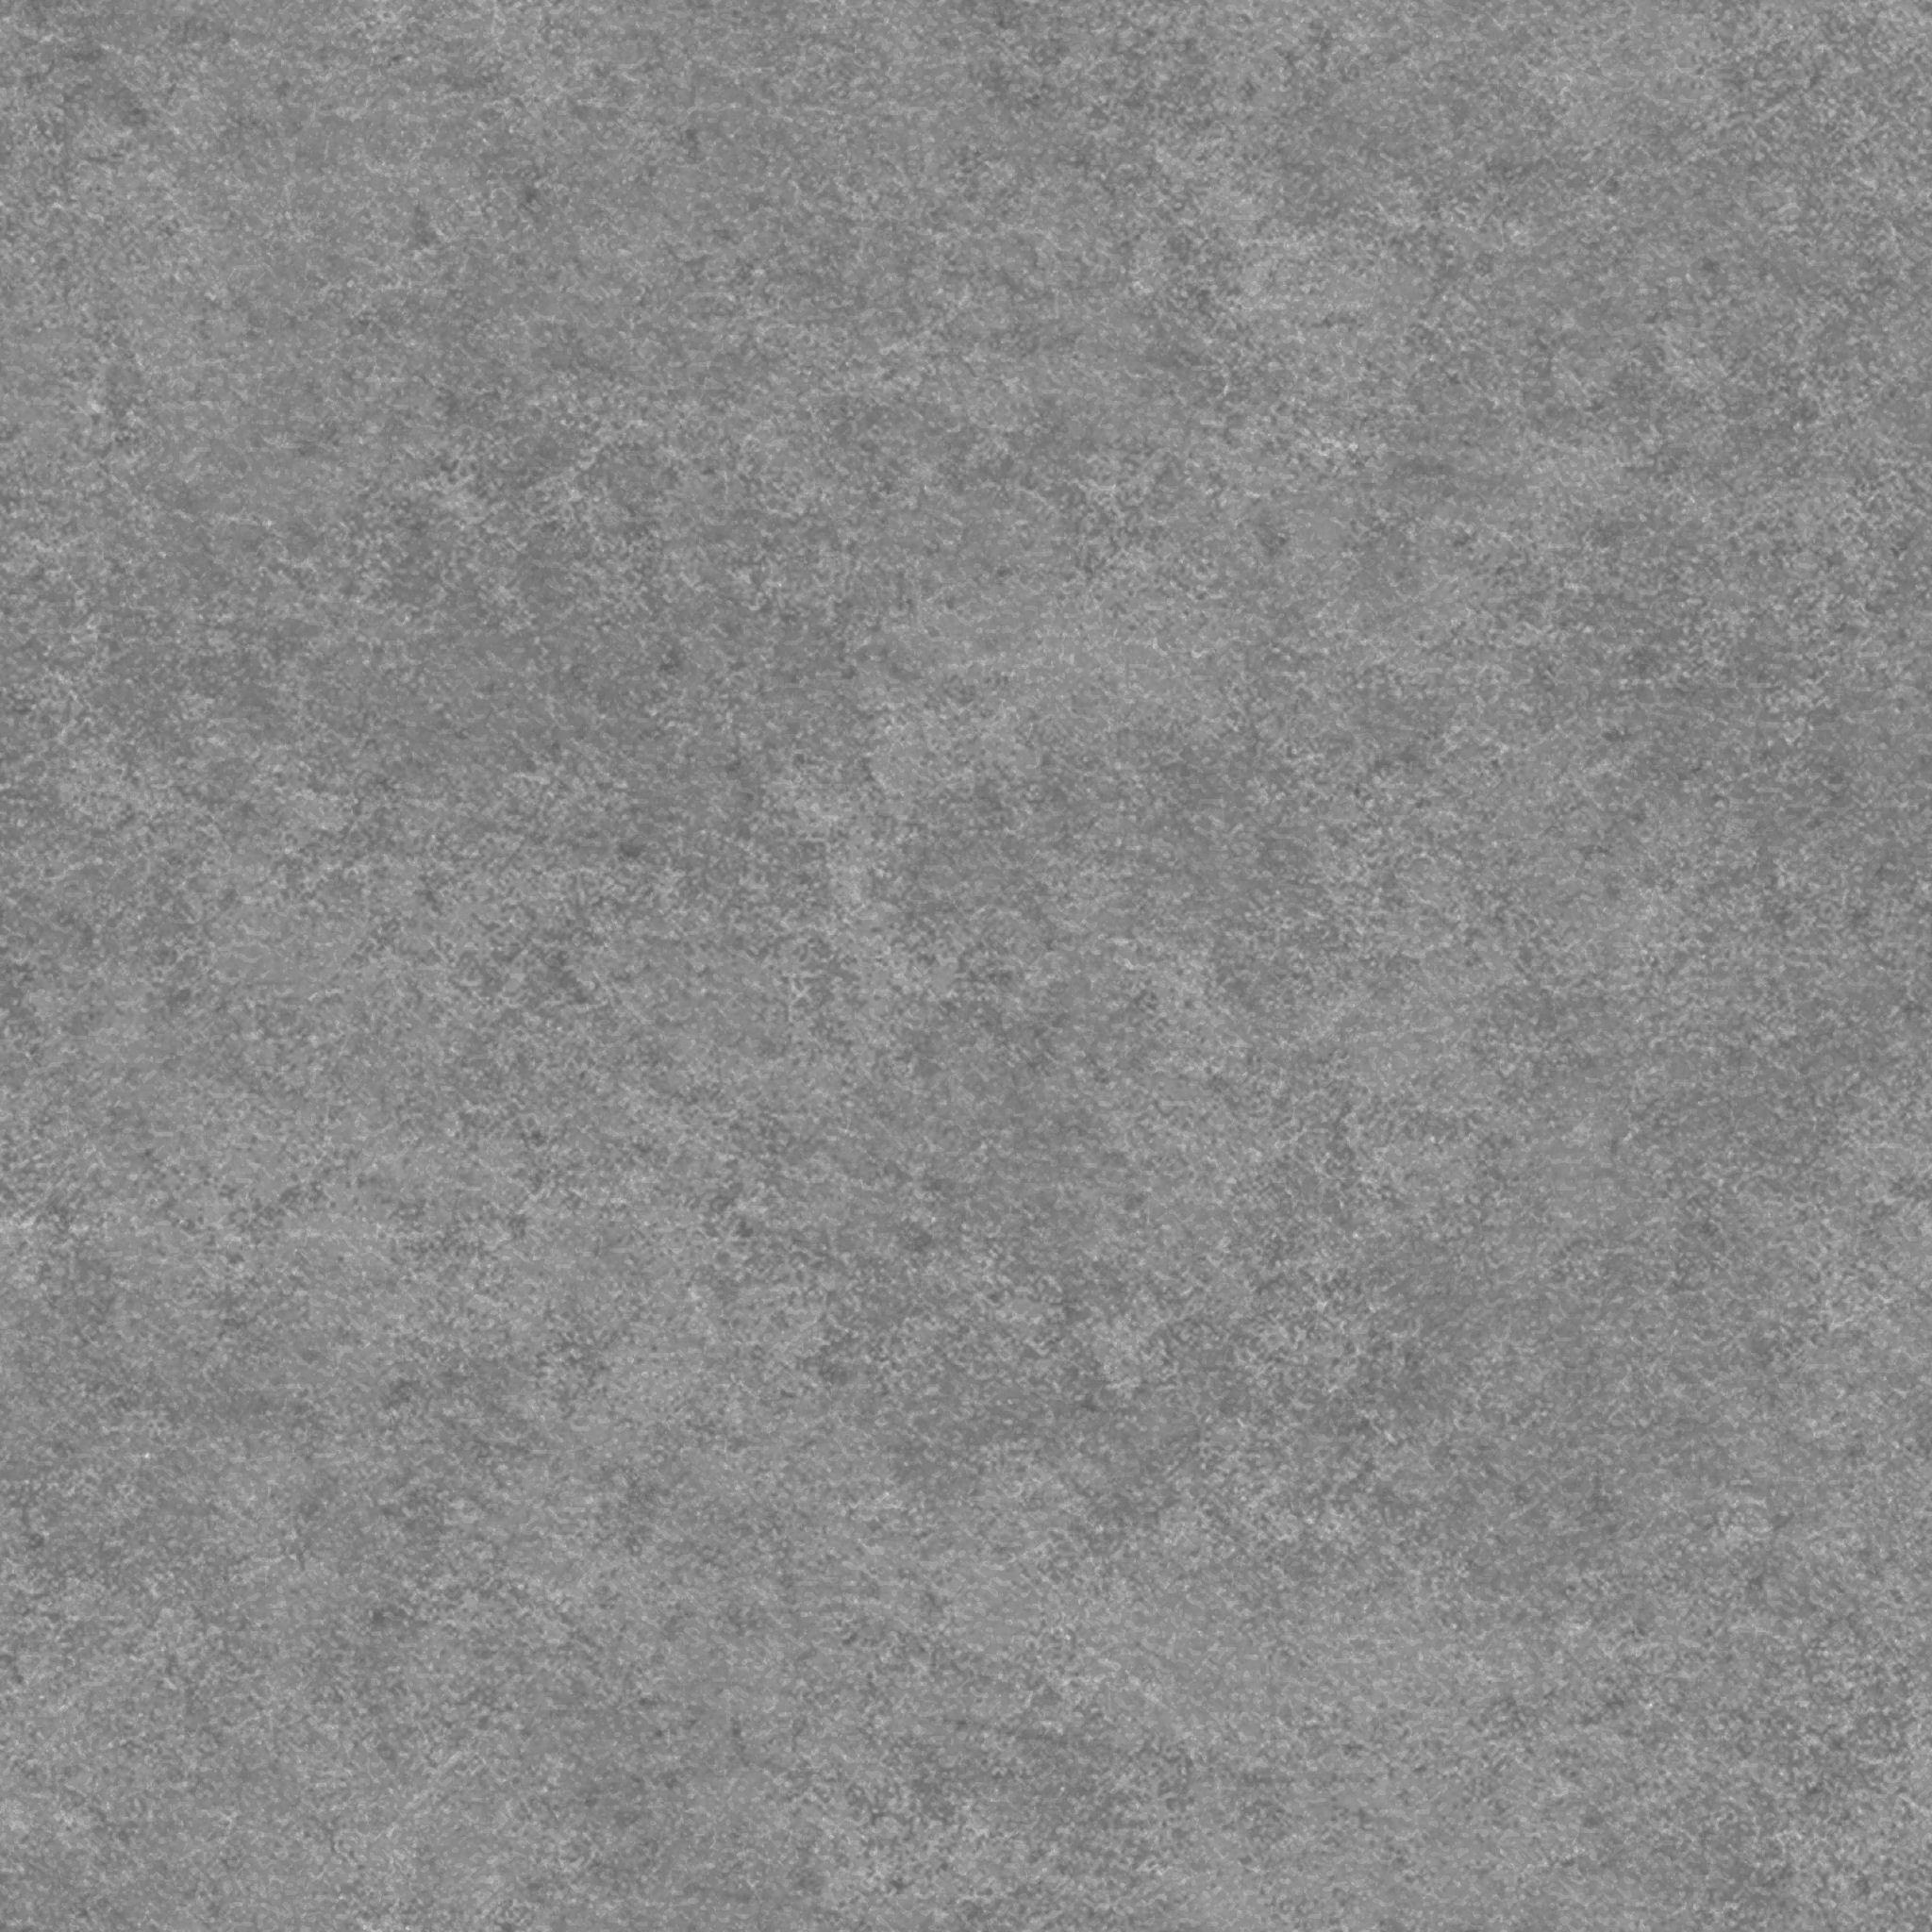 Cemento pulido gris obscuro texturas pinterest for Piso hormigon pulido